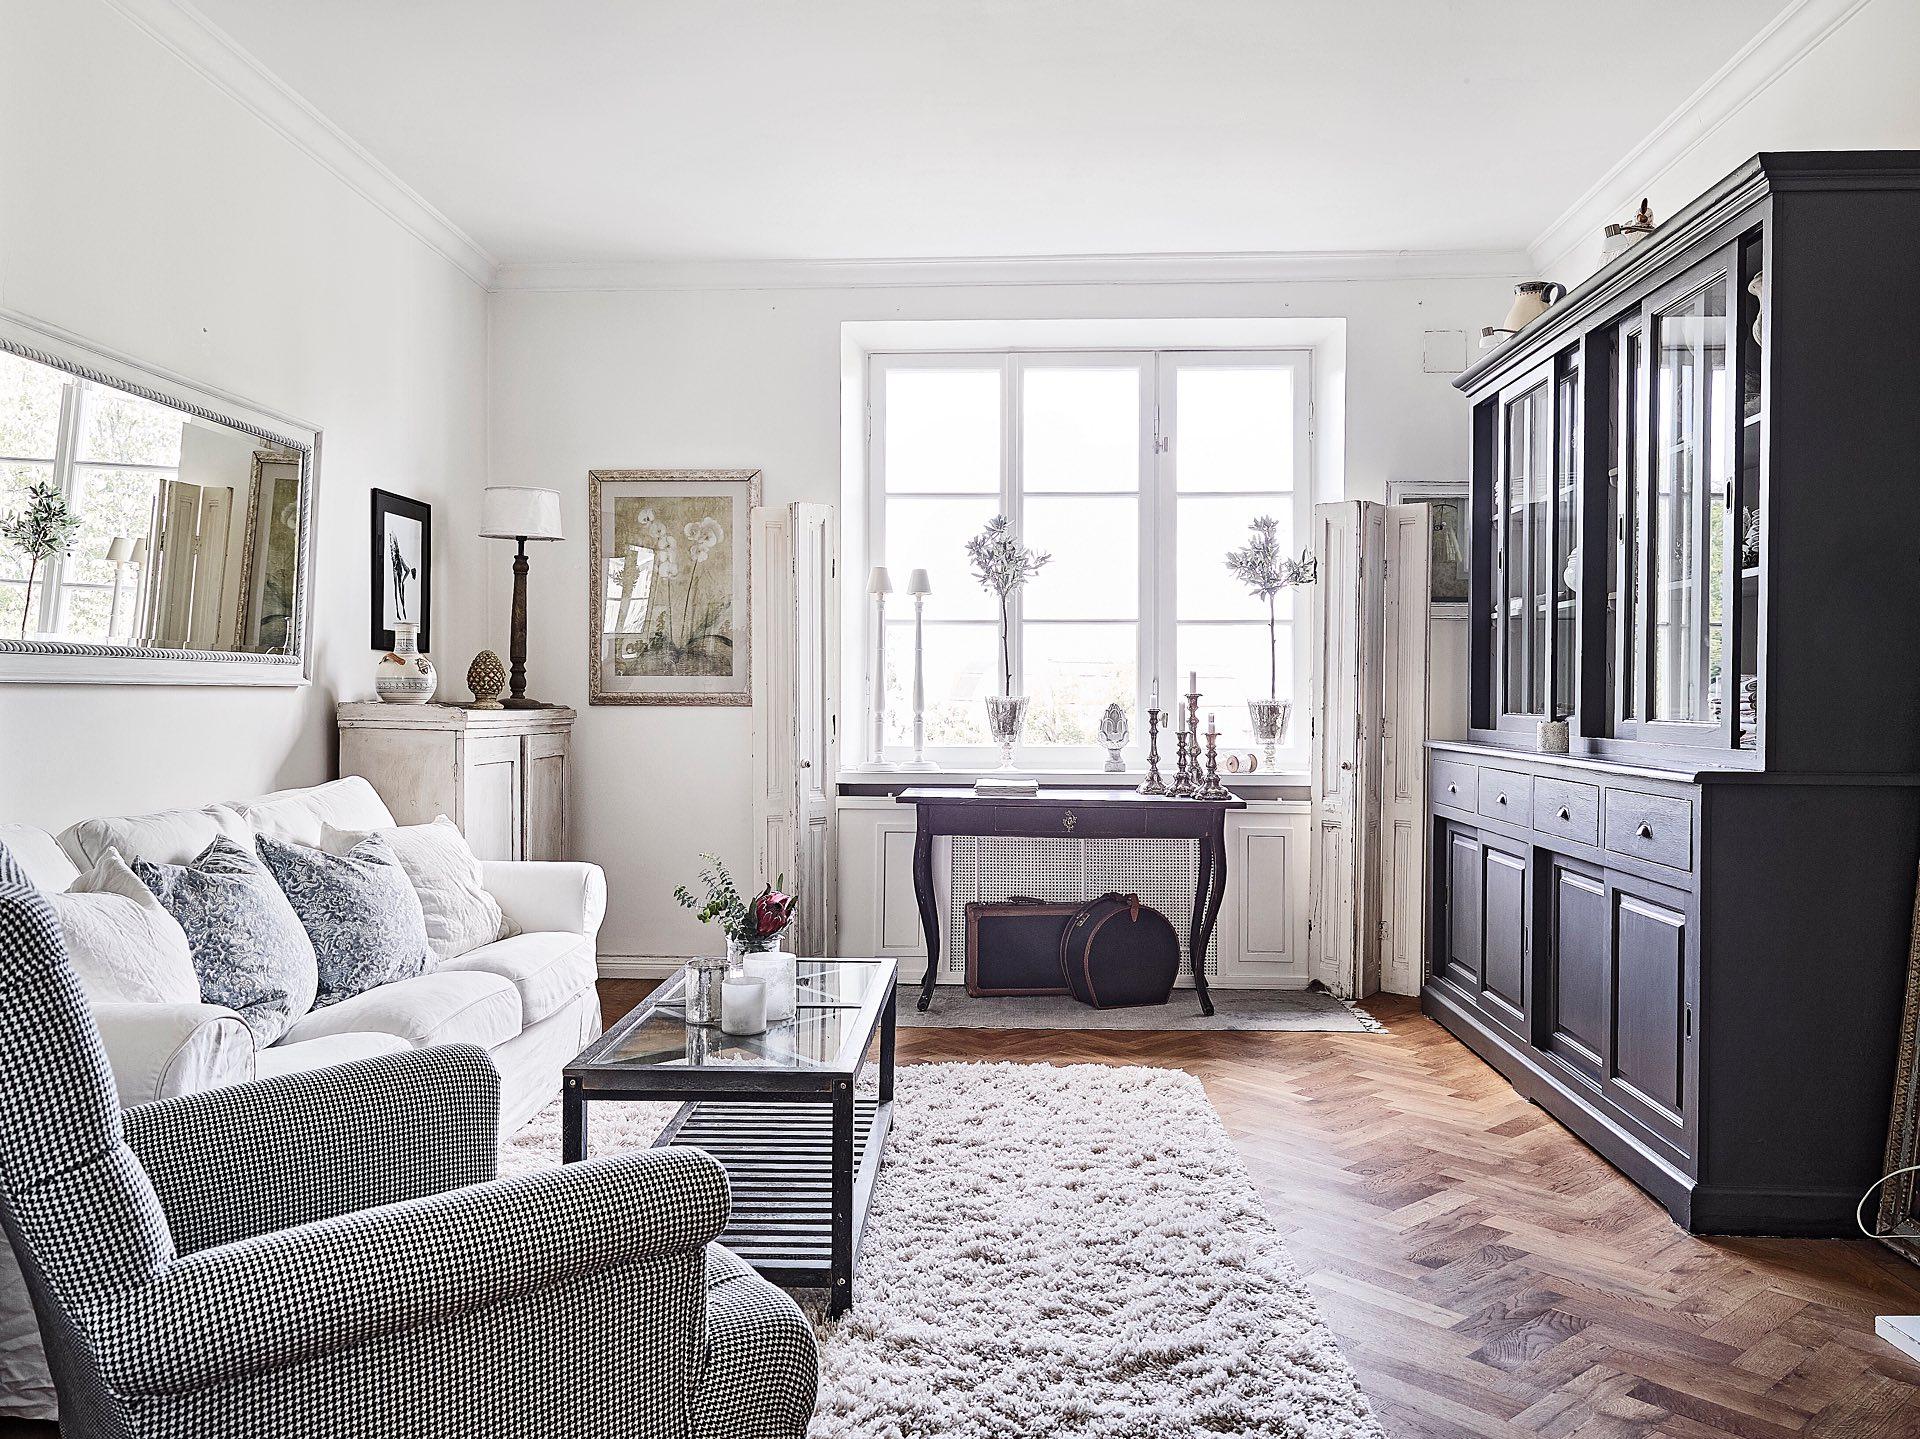 гостиная белые стены дубовый паркет окно консоль сервант